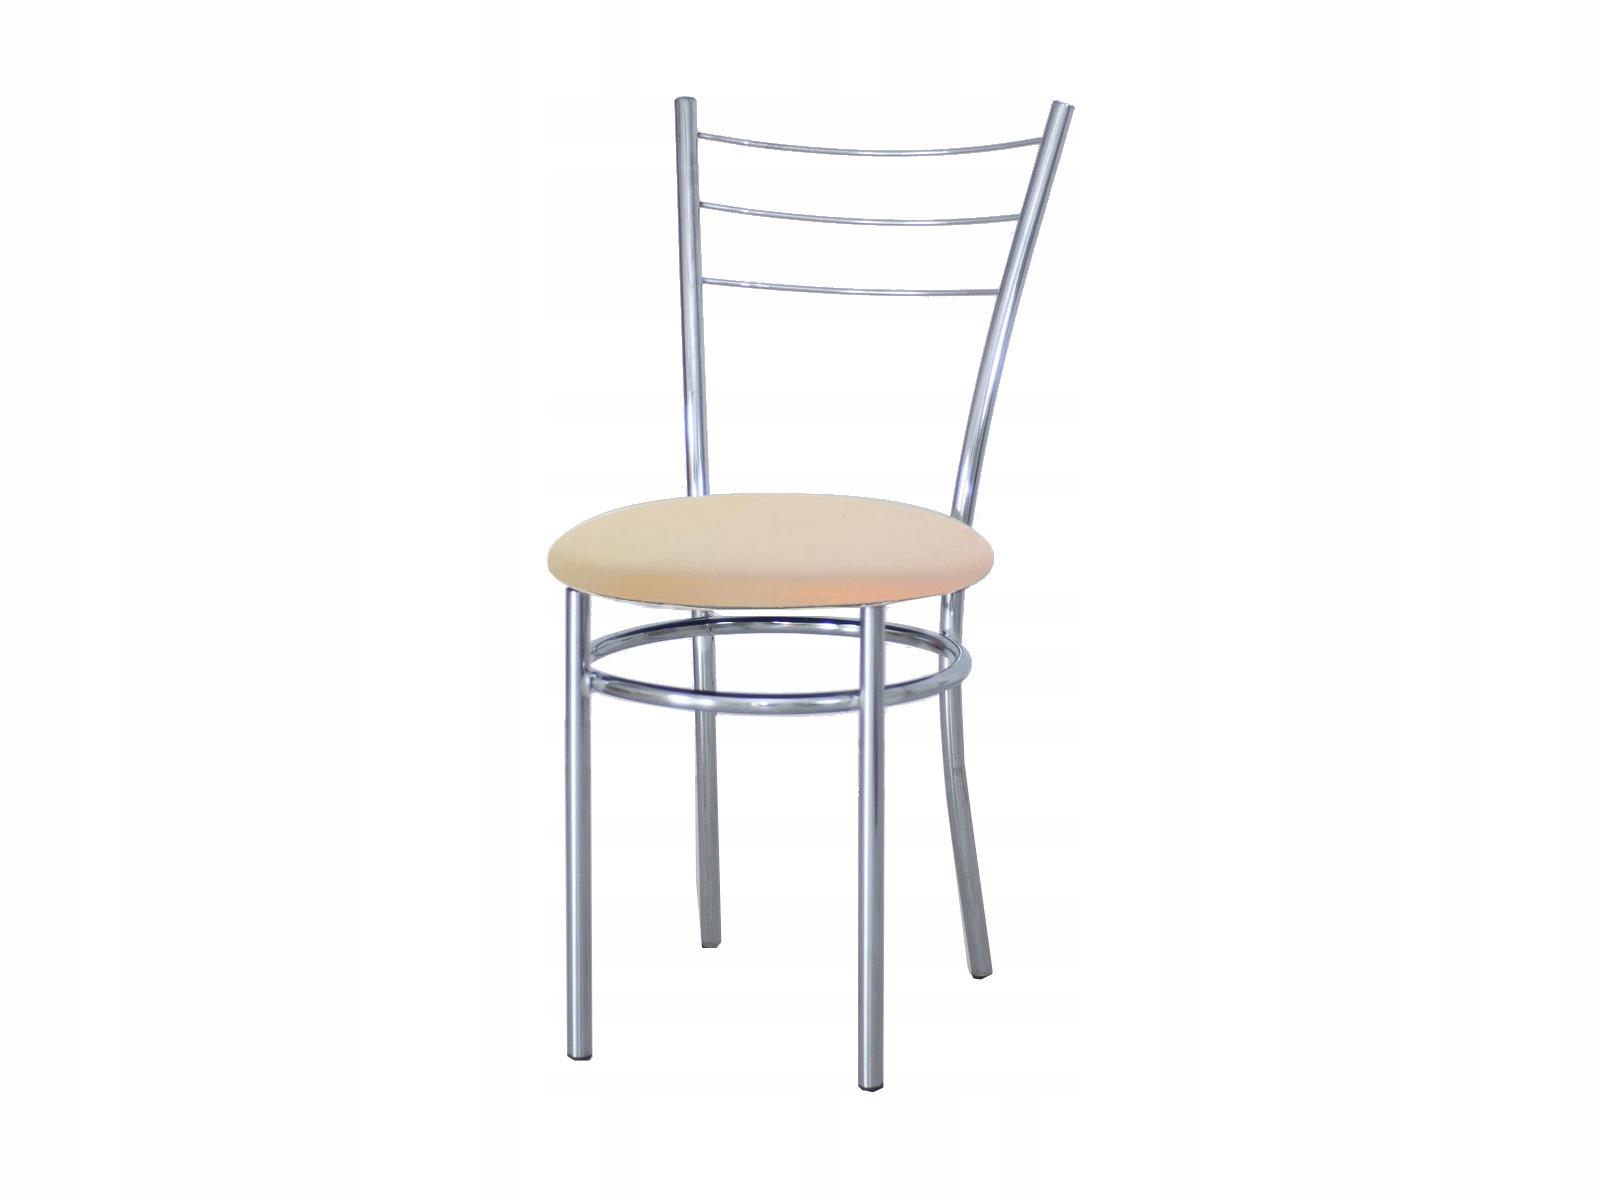 Krzesło Metalowe Marco Kuchenne Marko Kolory Pl